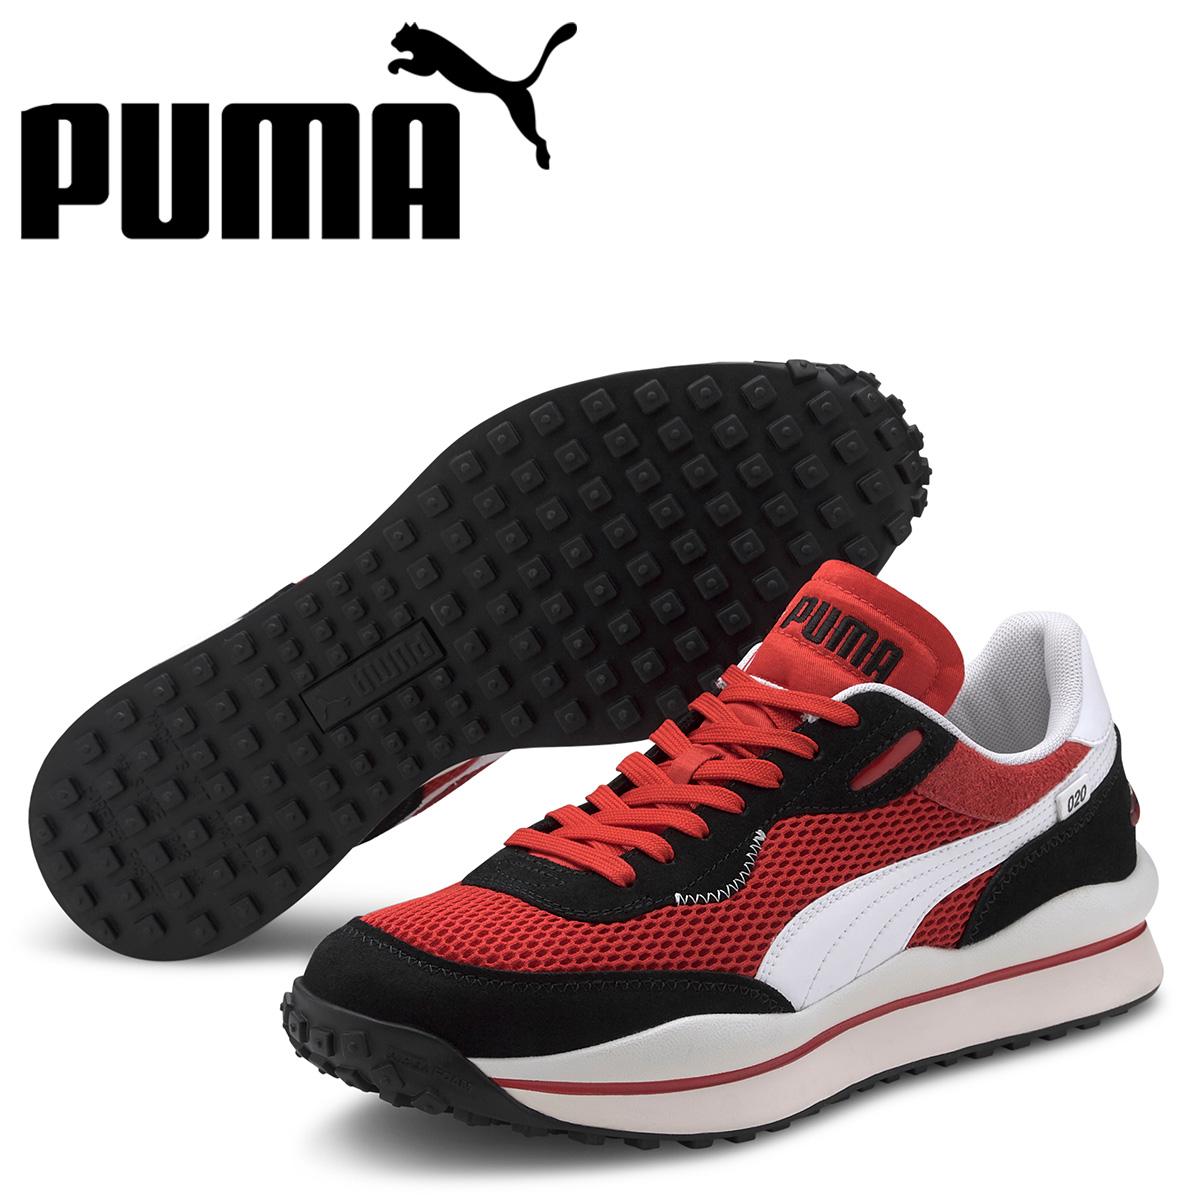 PUMA プーマ スタイル ライダー スニーカー メンズ STYLE RIDER STREAM ON レッド 37152701 [予約 5月上旬 新入荷予定]